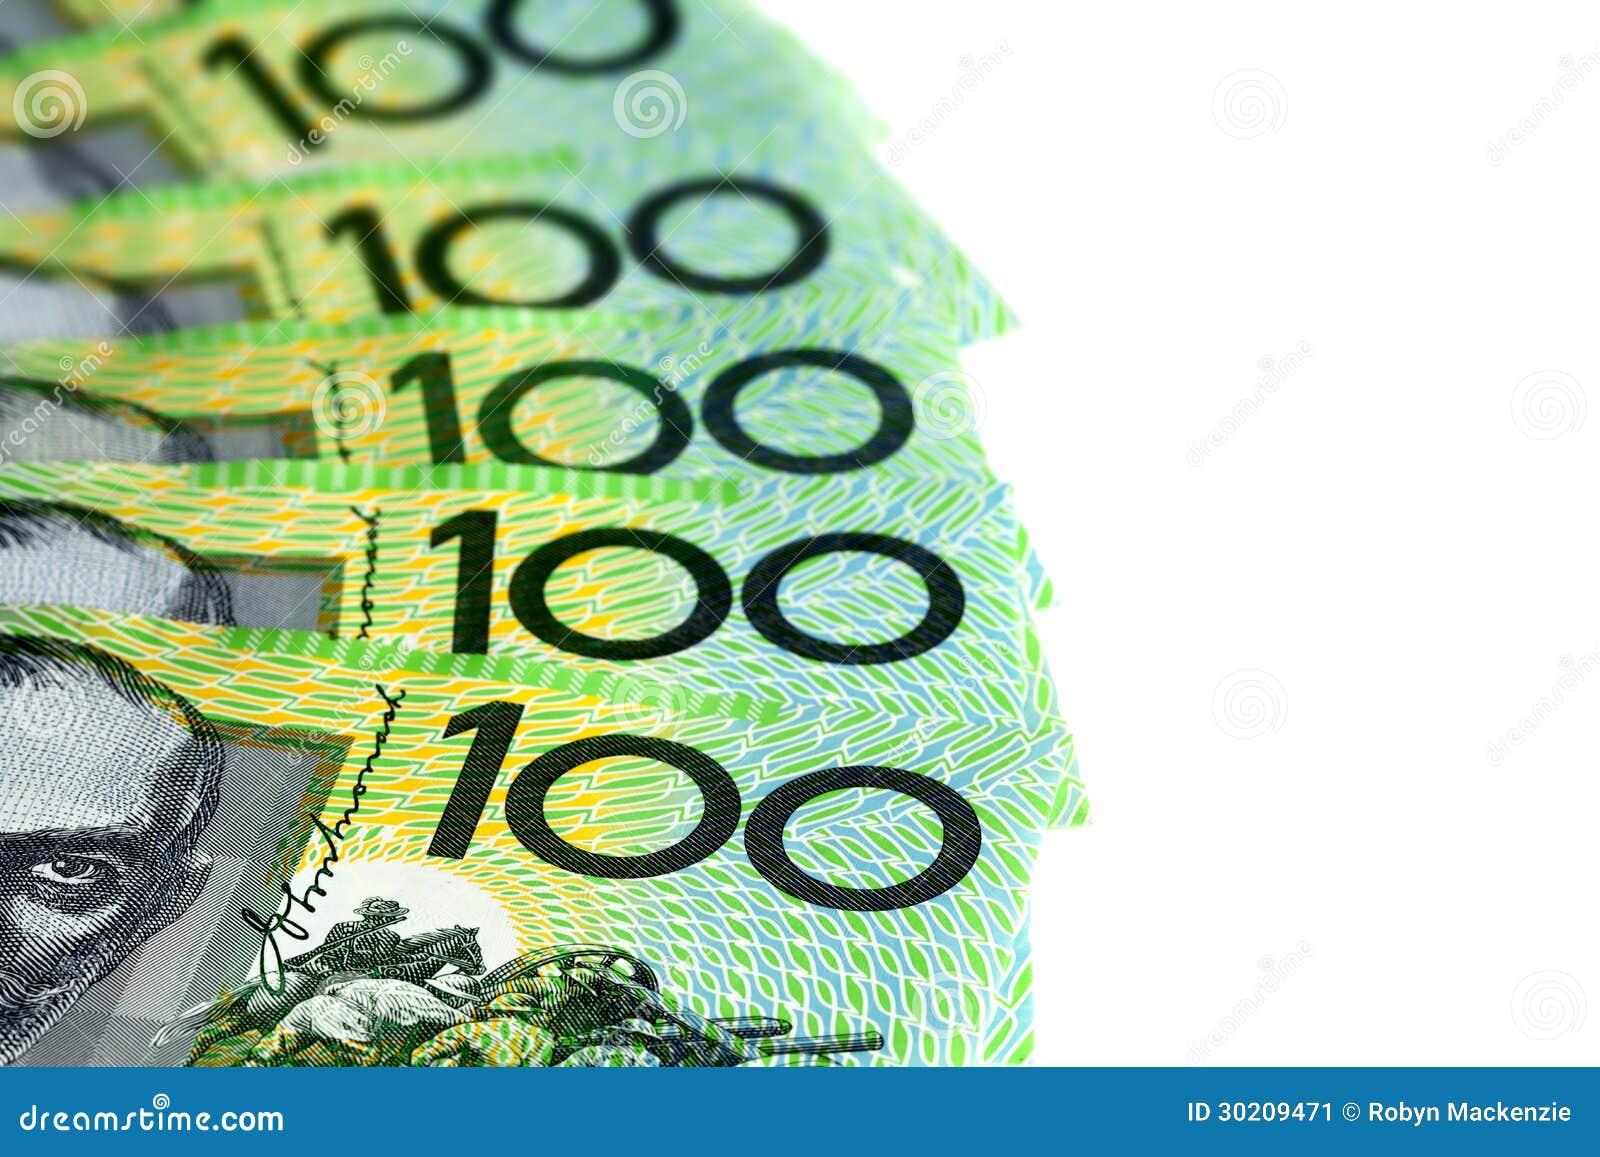 Australian One Hundred Dollar Bills Over White Stock Image ...